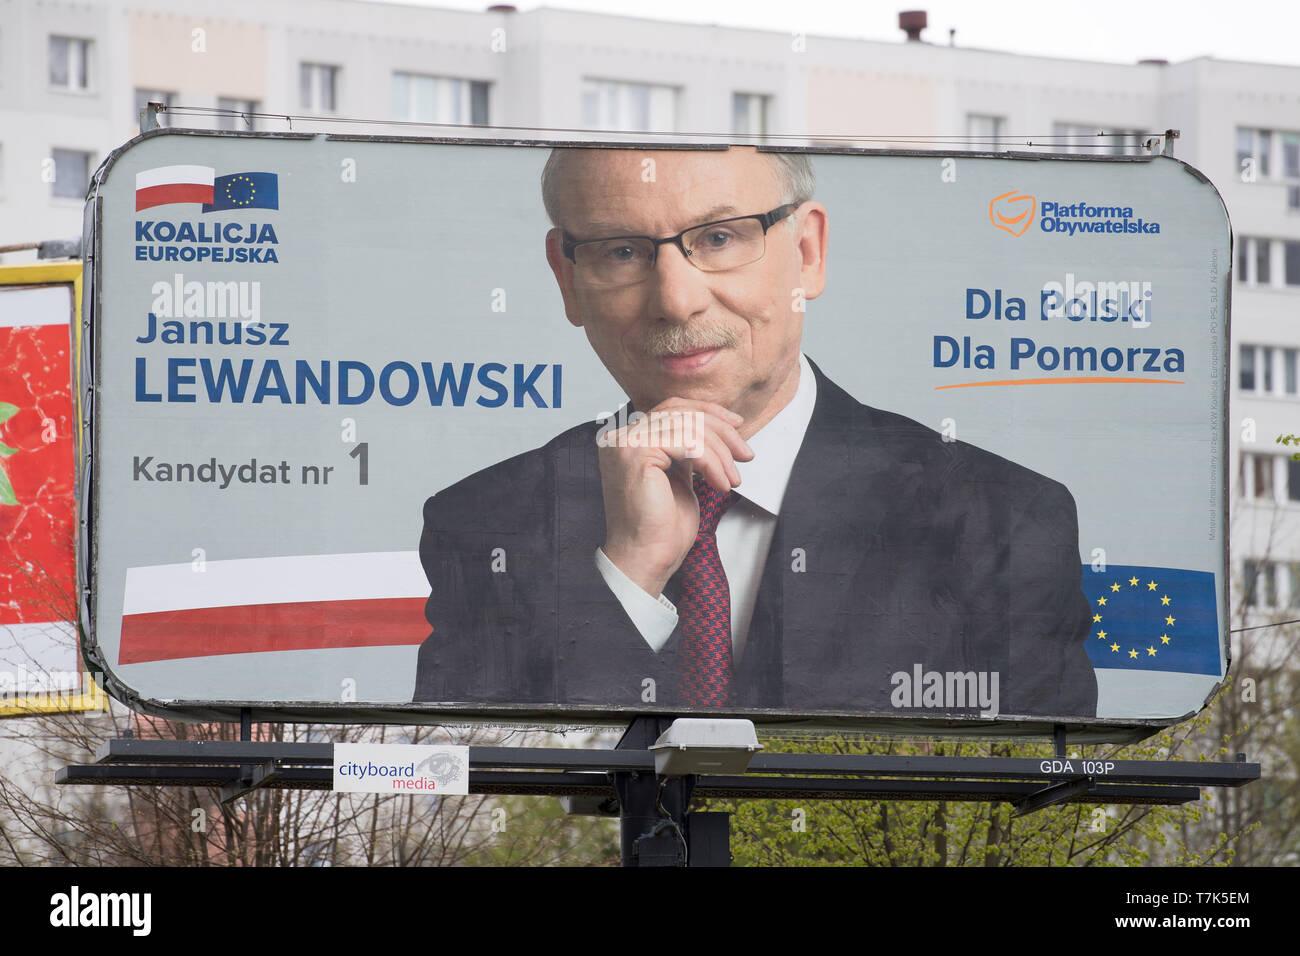 Janusz Lewandowski's bilboard, candidate of Koalicja Europejska (European Coalition) in 2019 European Parliament election campaign. Gdansk, Poland. Ma - Stock Image